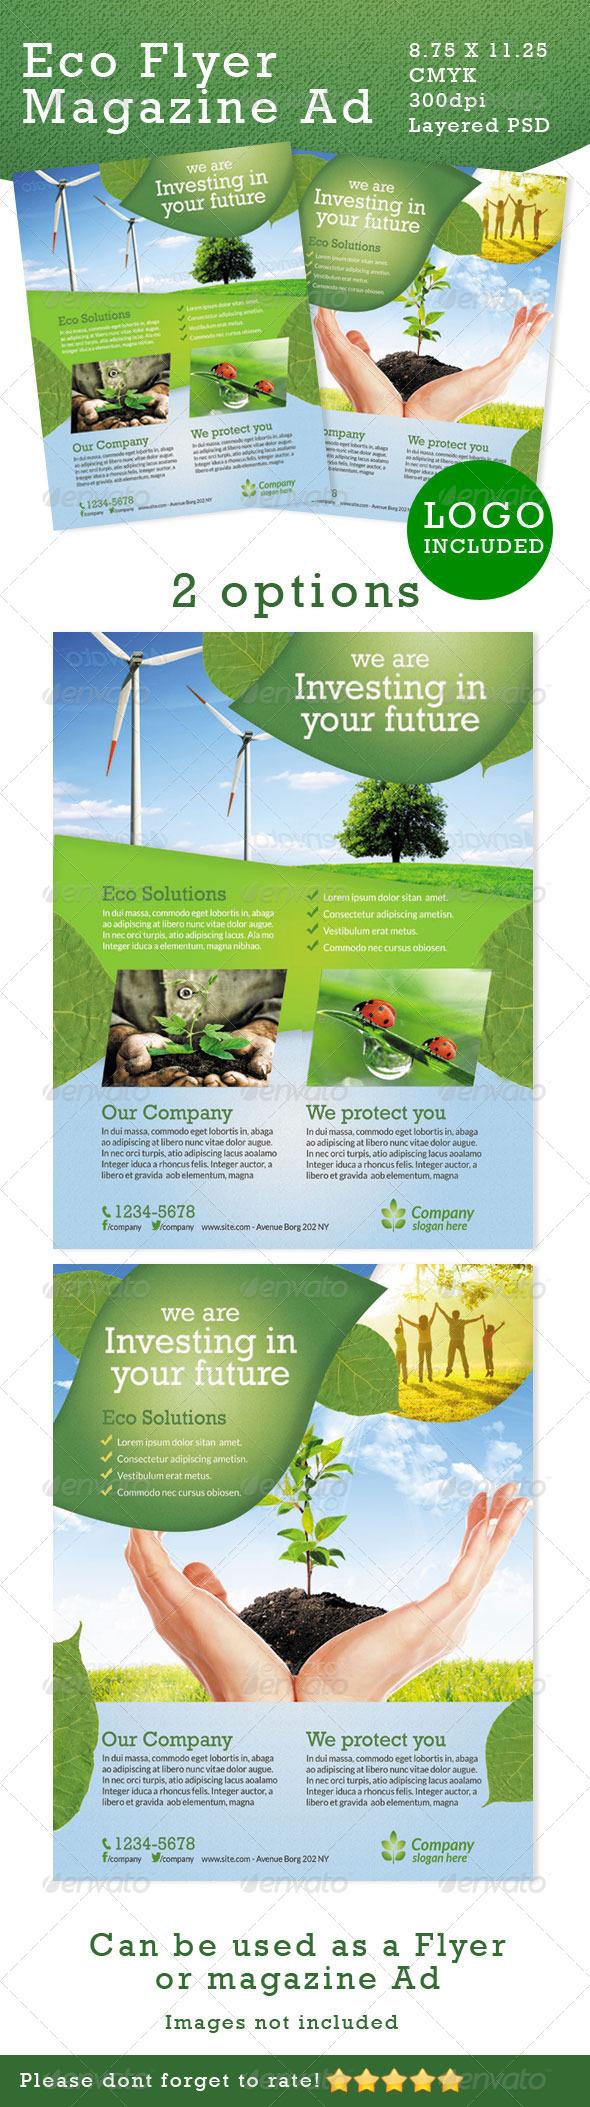 Premium Eco Flyers - Corporate Flyers